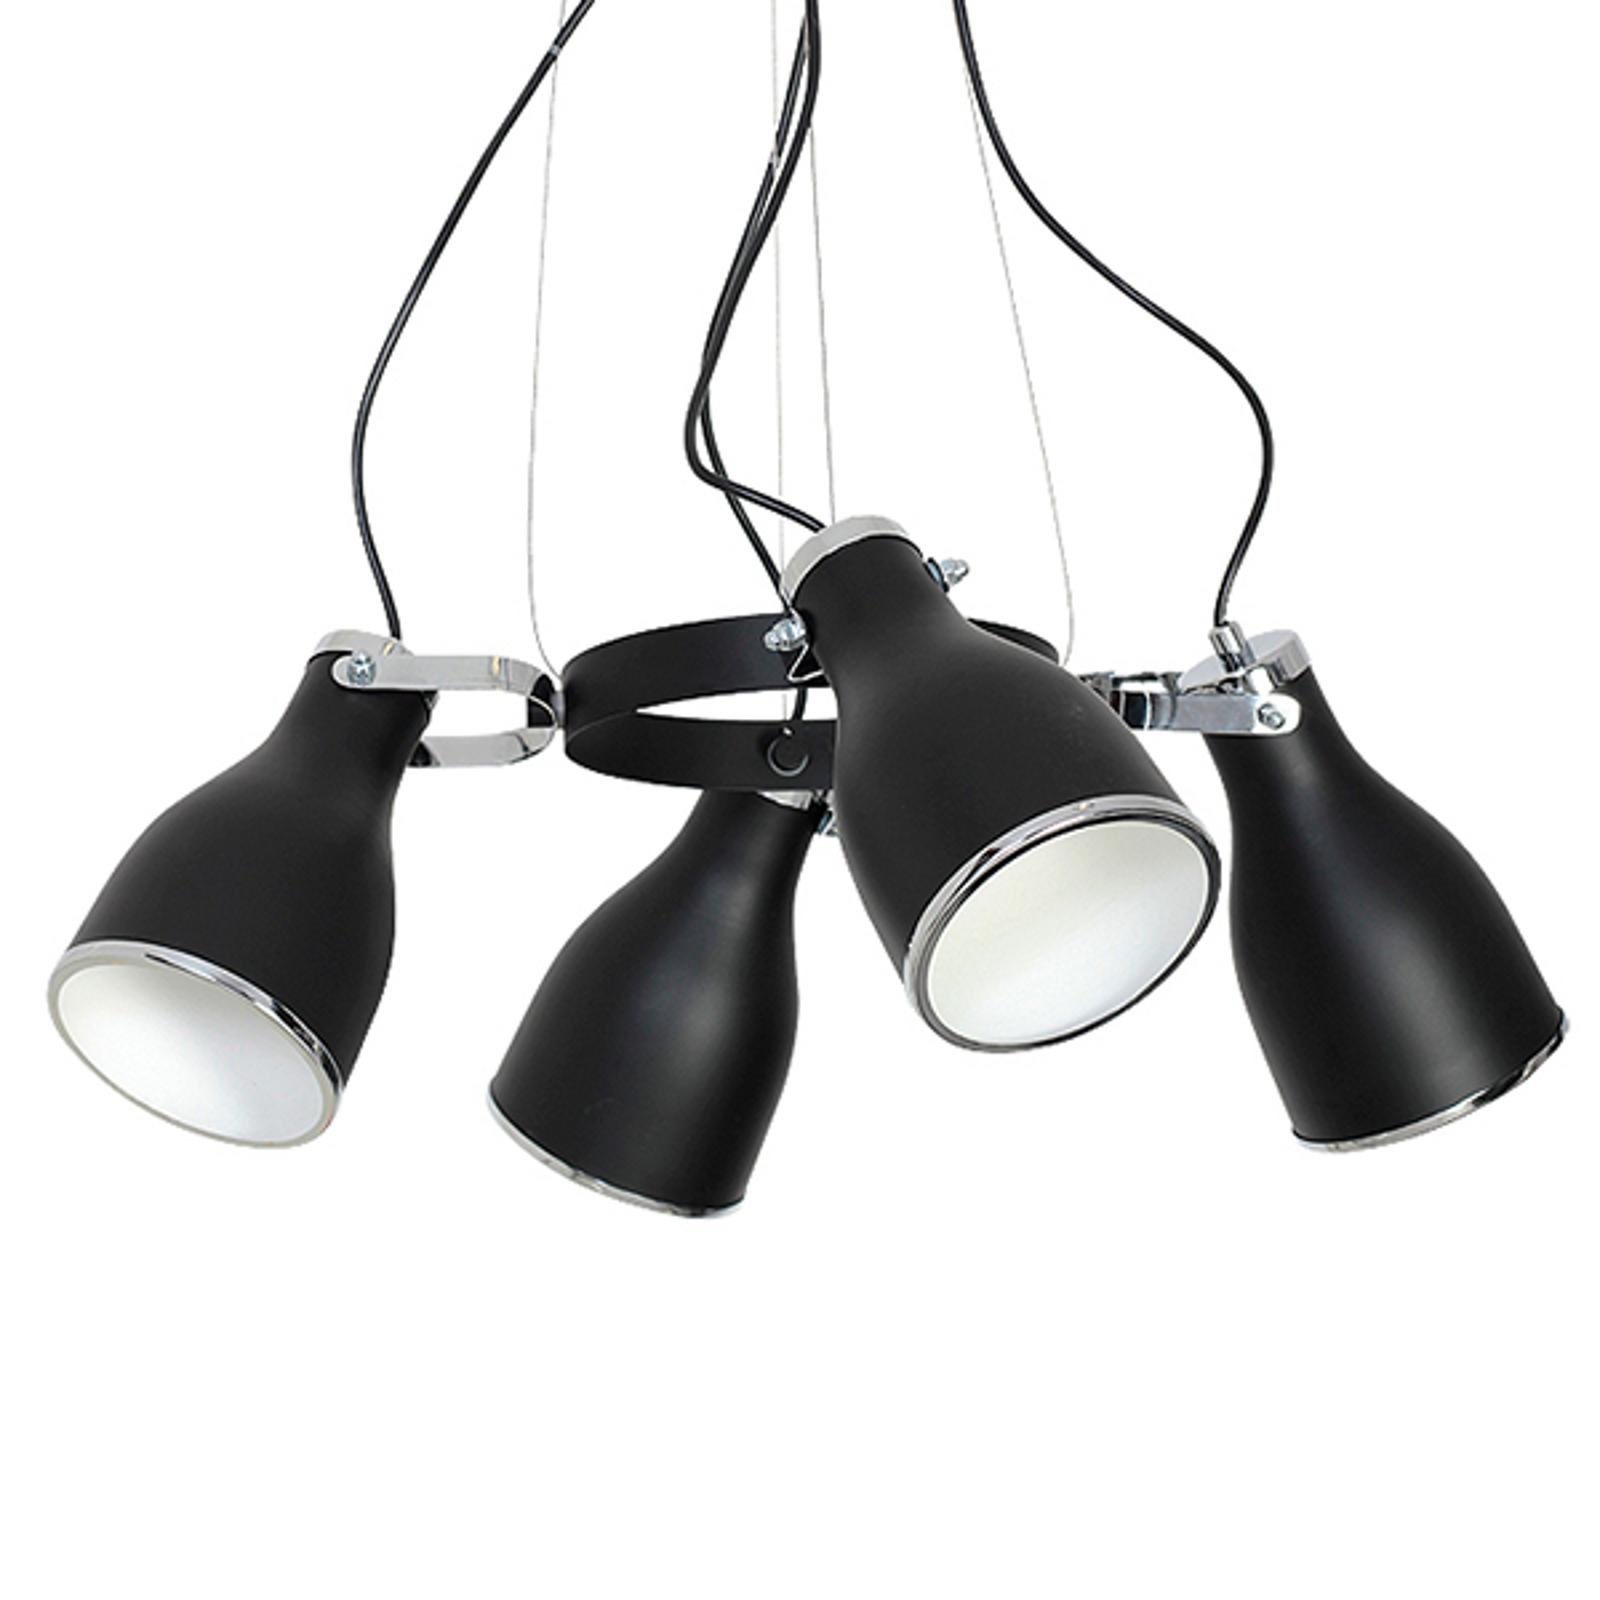 Lampa wisząca Bjorn, 4-punktowa, czarna